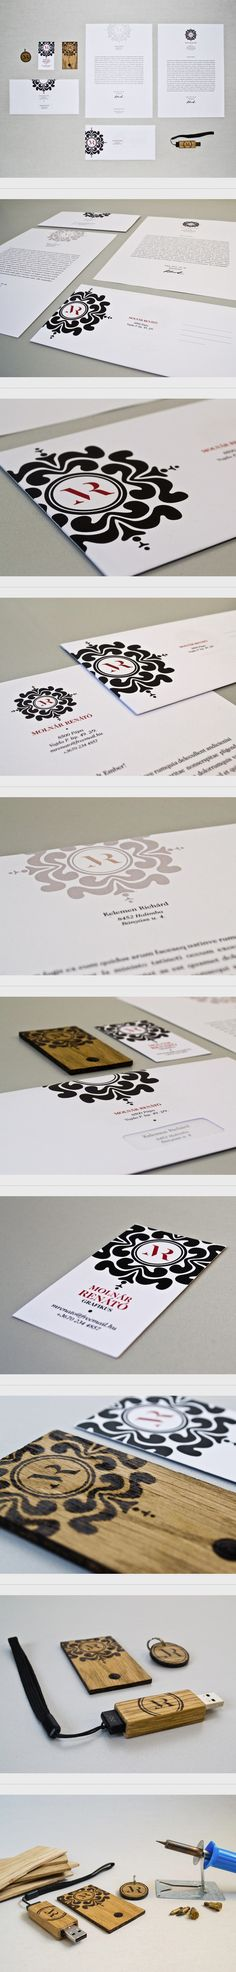 Baroque self-identity by Renato Molnar | #stationary #corporate #design #corporatedesign #identity #branding #marketing < repinned by www.BlickeDeeler.de | Take a look at www.LogoGestaltung-Hamburg.de..